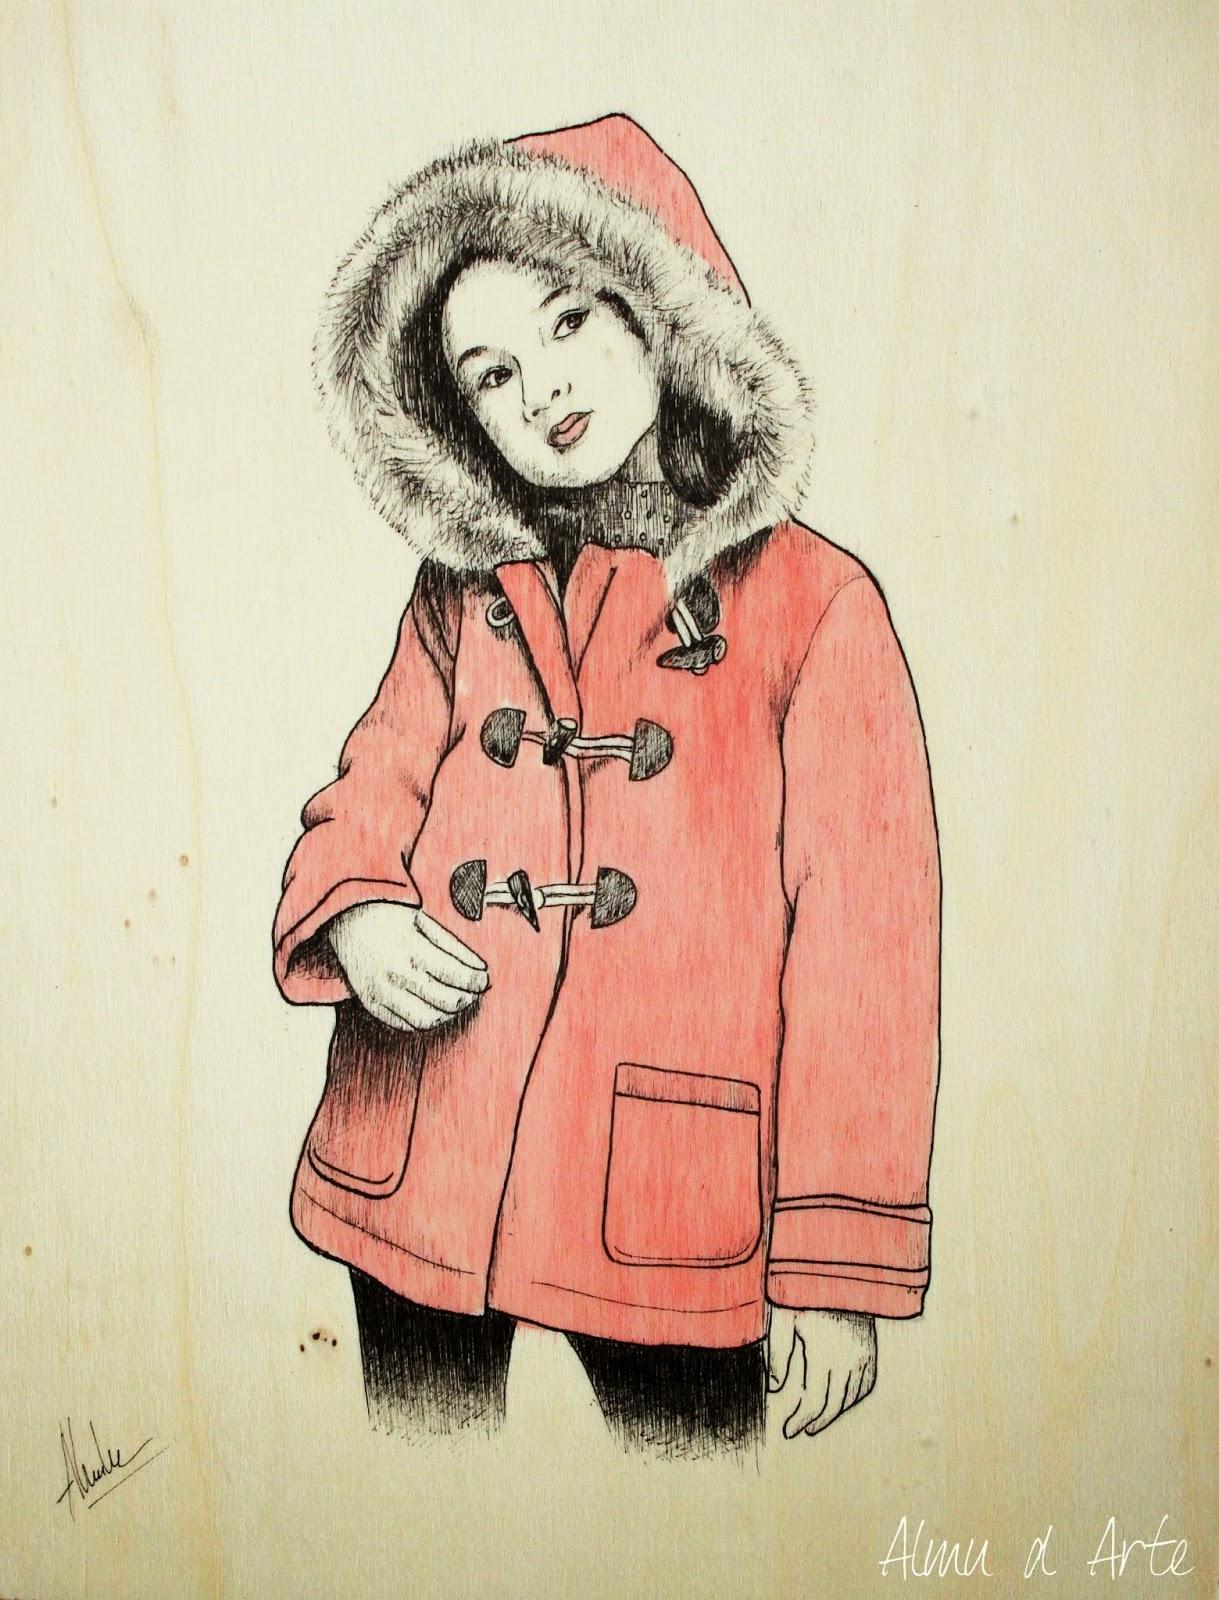 Dibujo de niña con tinta y acuarela